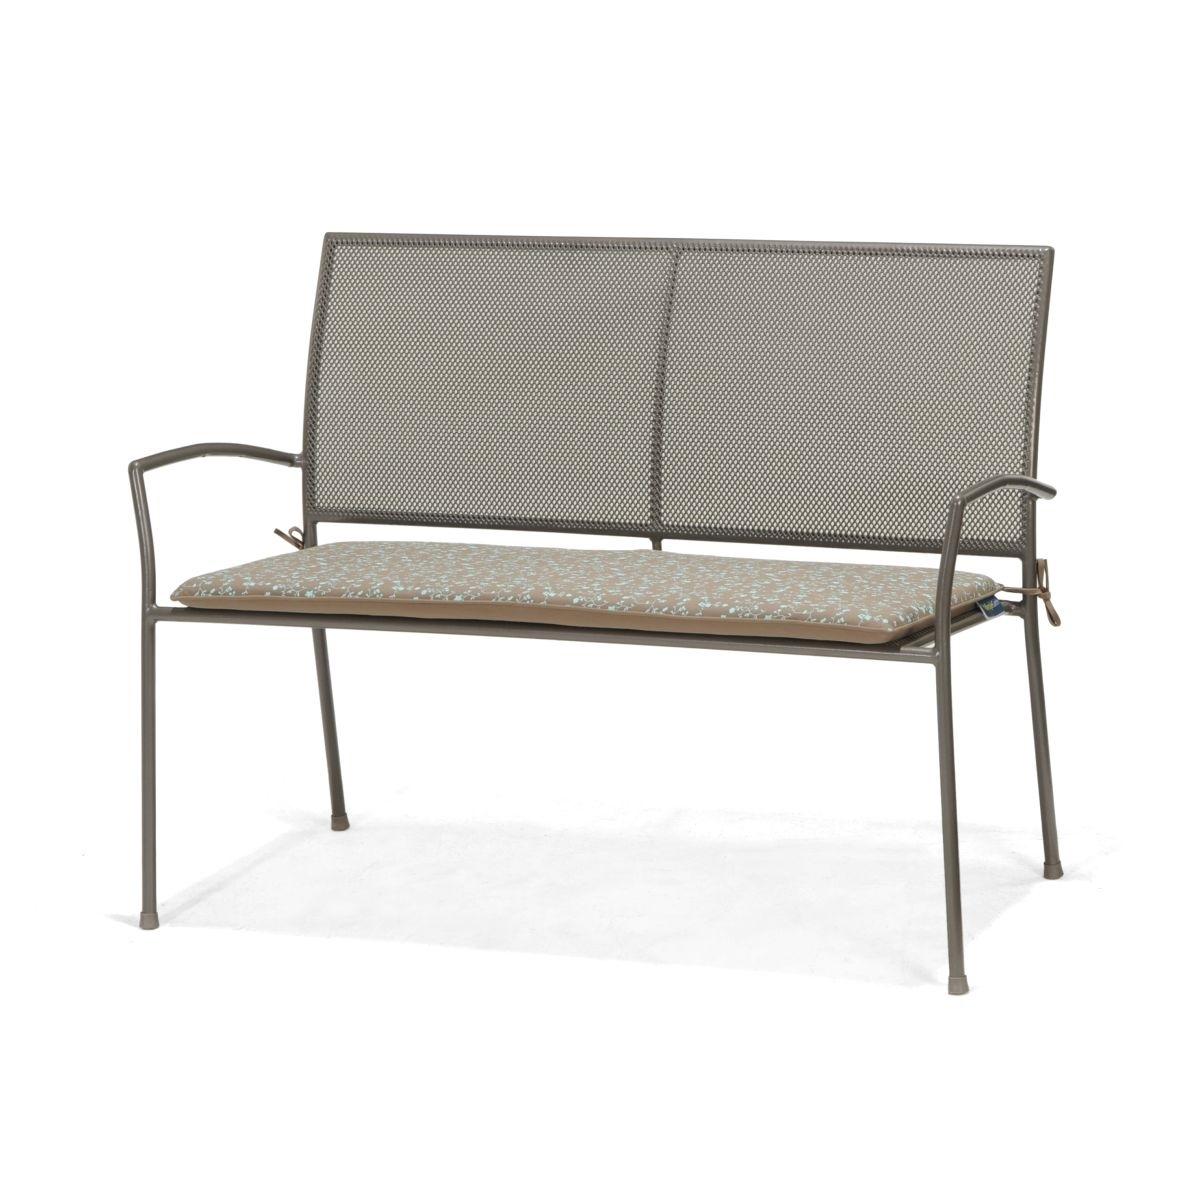 Ławka 2-osobowa z poduszką z nadrukiem Plantagoo - zdjęcie nr 0